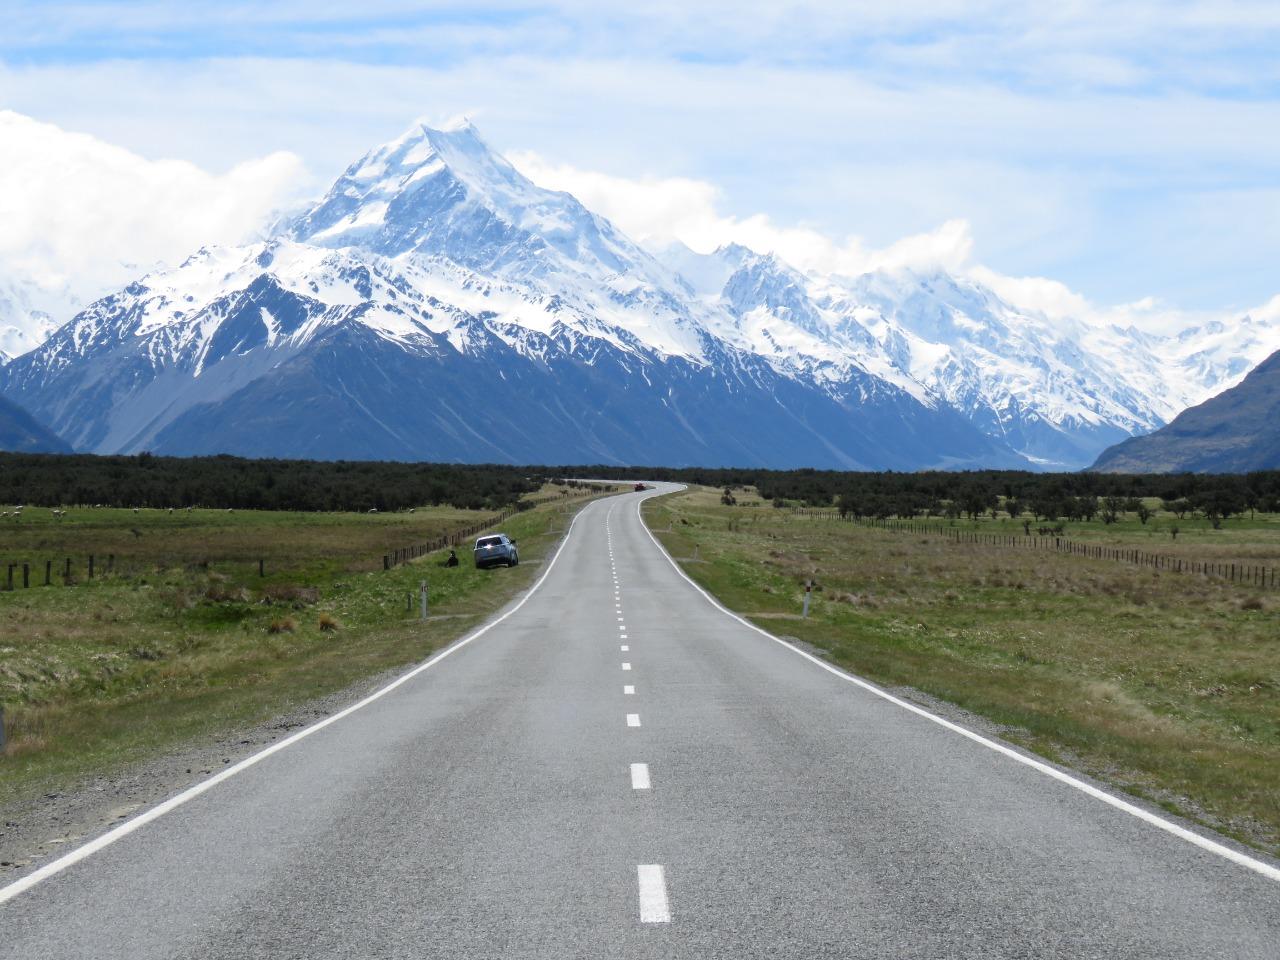 Relato de viagem de motorhome pela Nova Zelândia: Dias 30 e 31 - Monte Cook